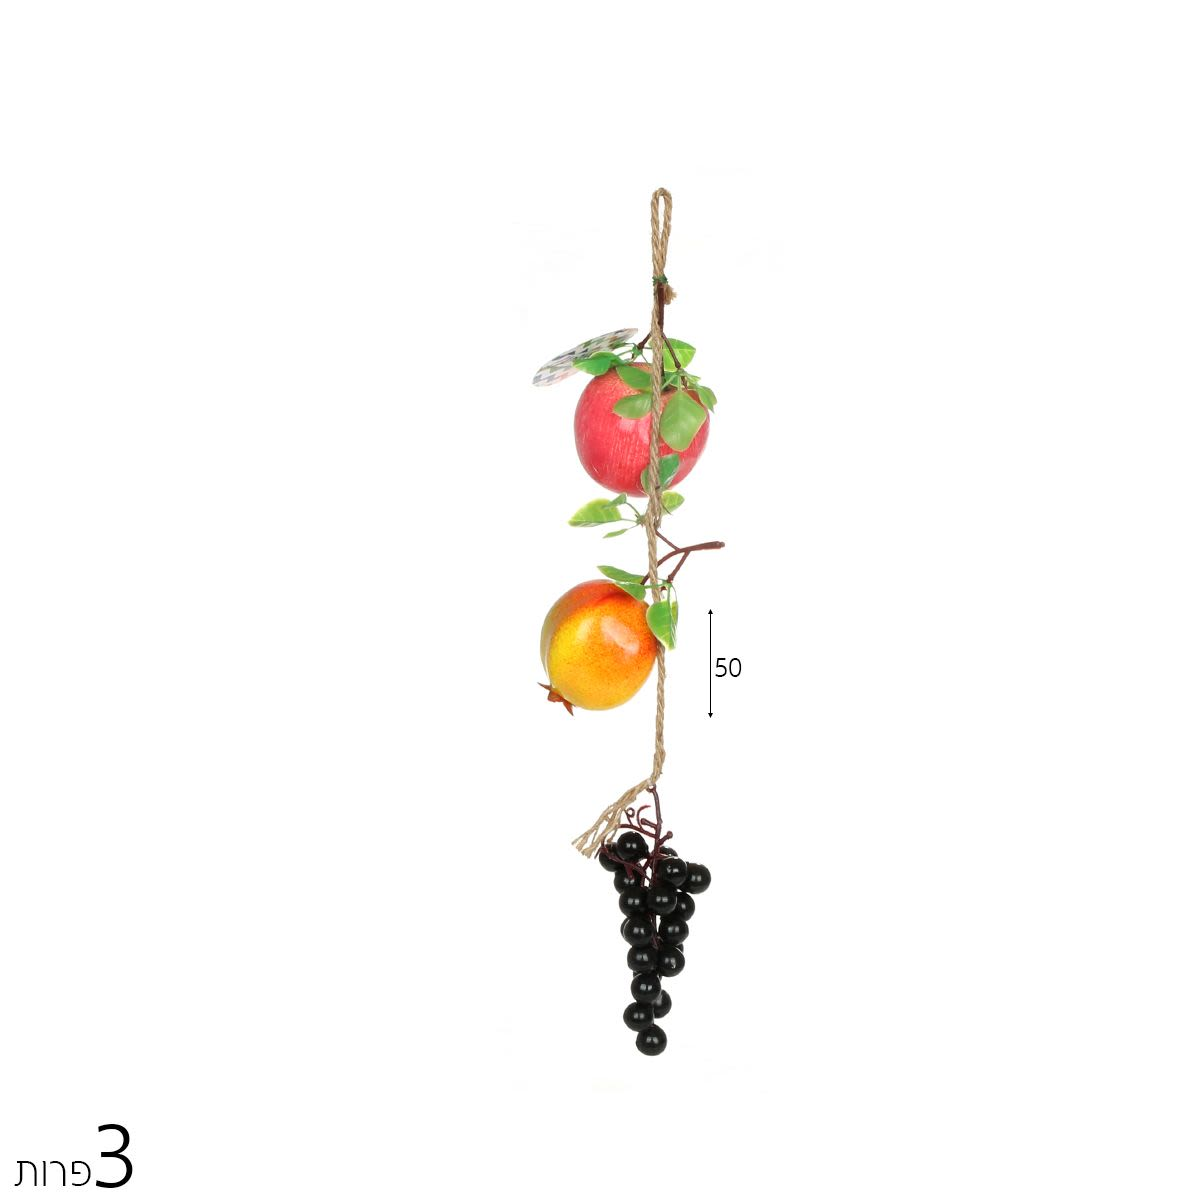 קישוט לסוכה -חבל תפוח רימון ענבים